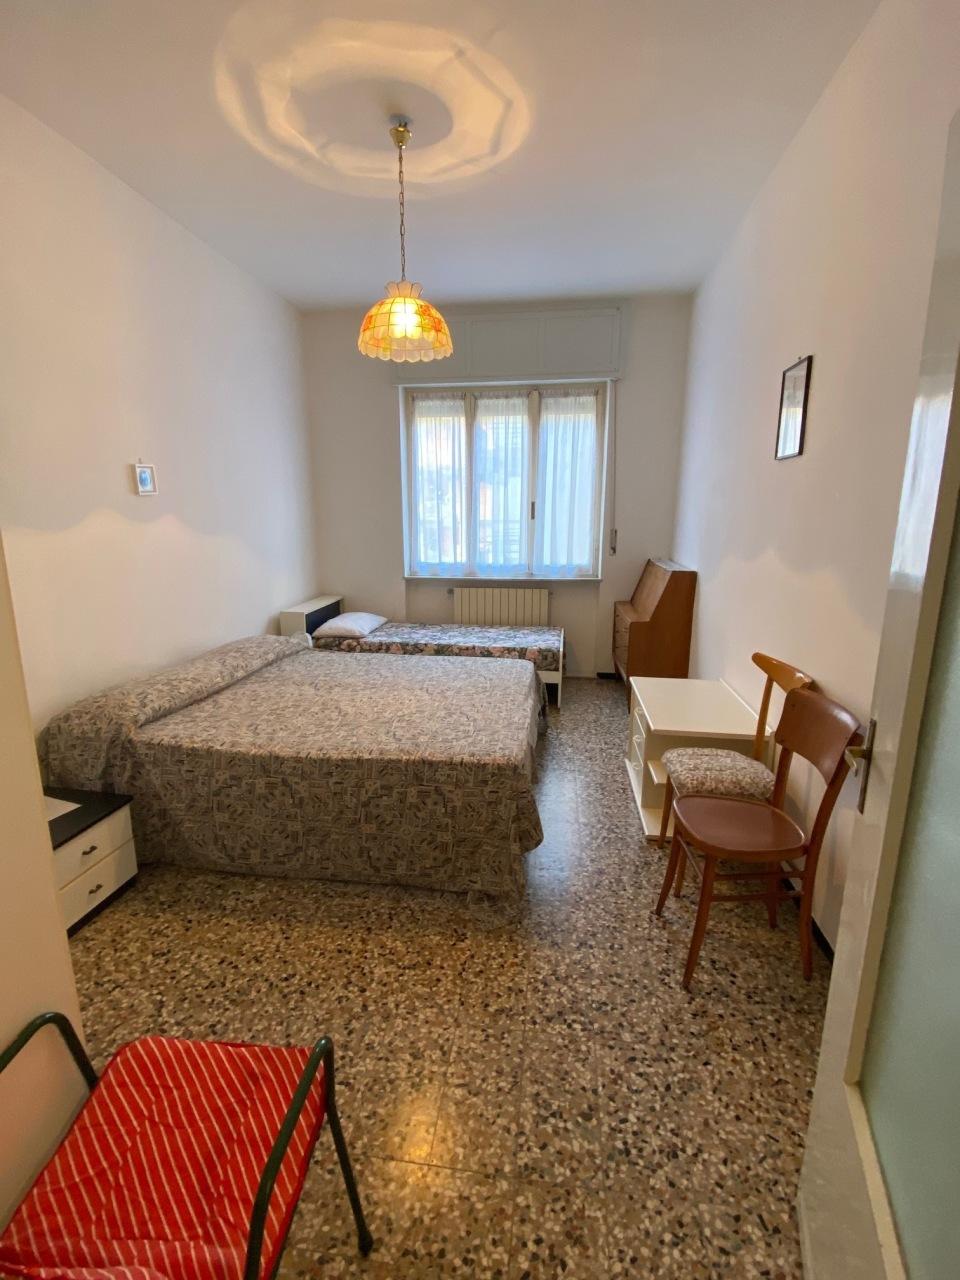 Appartamento in vendita a Finale Ligure, 3 locali, prezzo € 295.000 | PortaleAgenzieImmobiliari.it